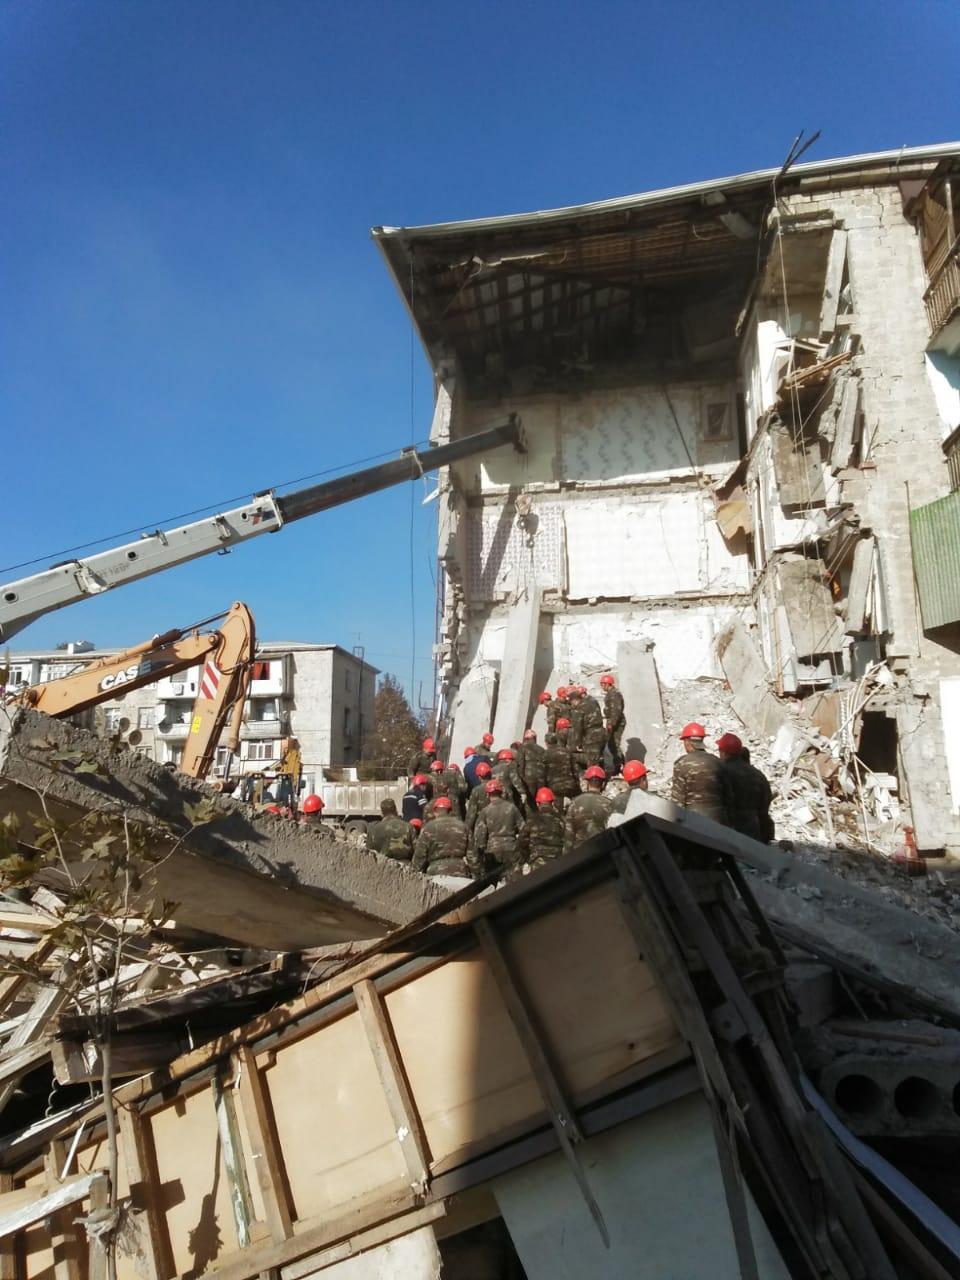 Gəncədə yaşayış binasında partlayış:  3 nəfərin meyiti çıxarılıb- YENİLƏNDİ